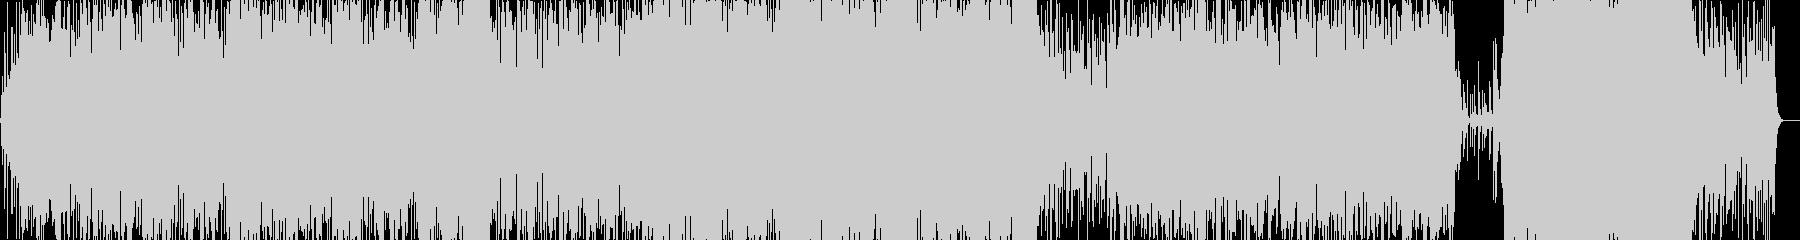 ミディアムテンポの壮大なギターインストの未再生の波形